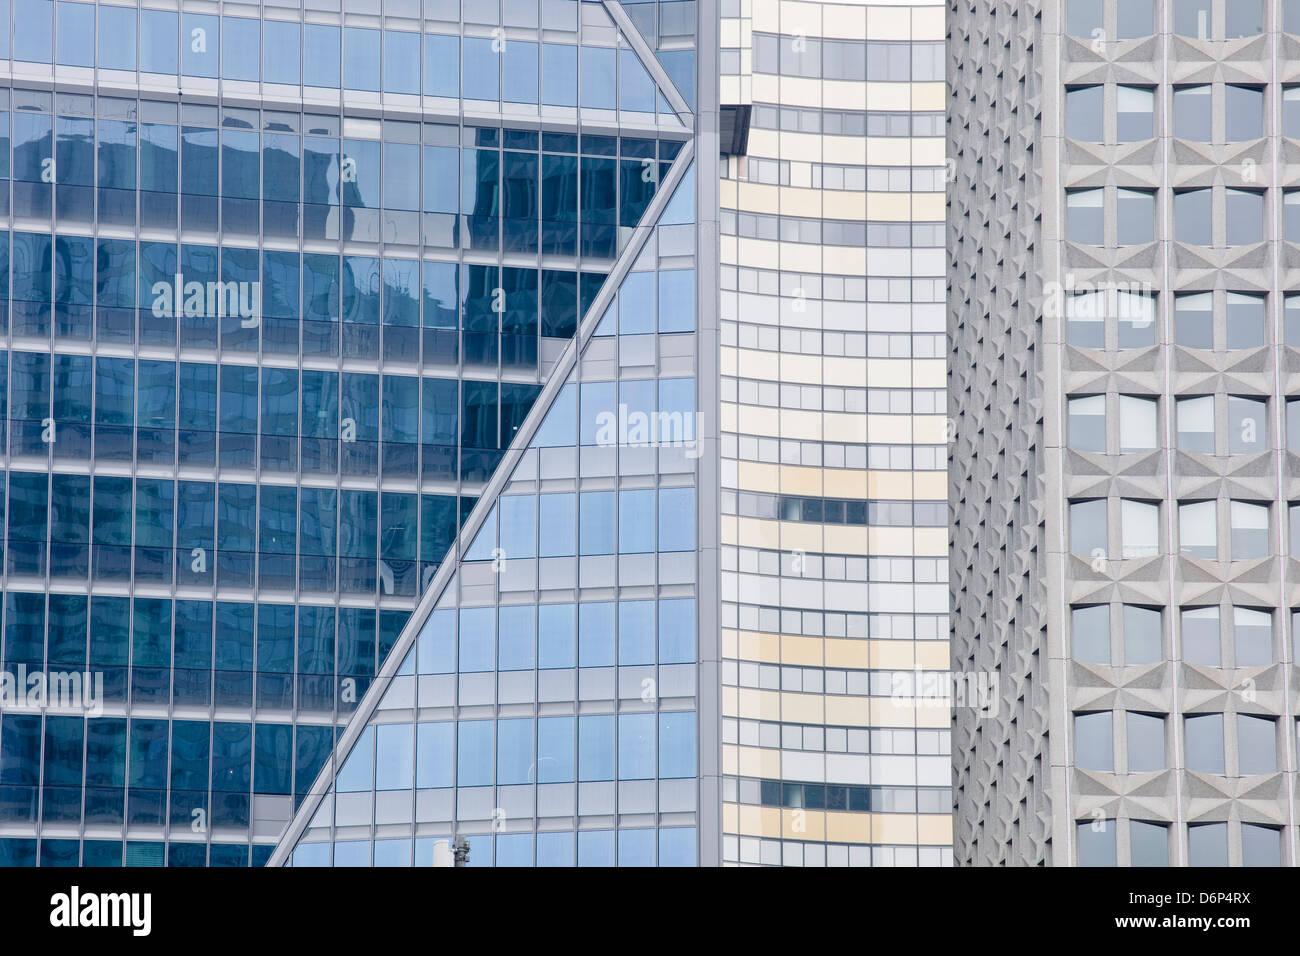 Resumen de edificios en el barrio de La Défense, París, Francia, Europa Imagen De Stock